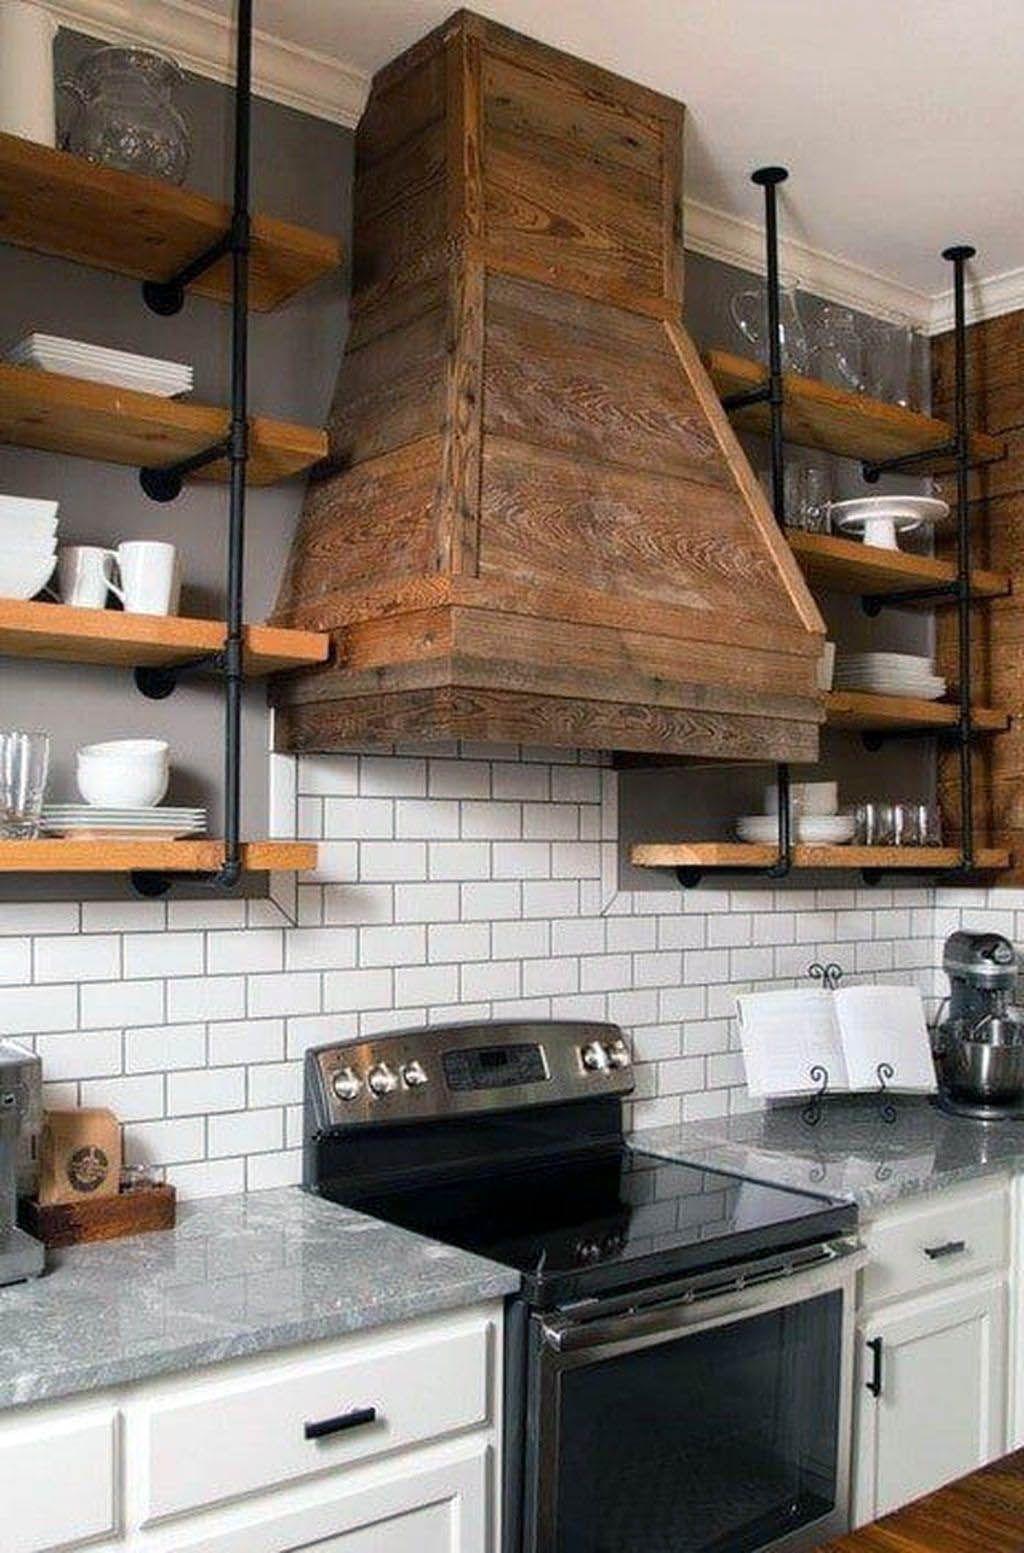 11 Best Outdoor Kitchen Ideas And Designs For Your Stunning Kitchen Kitchen Vent Farmhouse Kitchen Design Kitchen Vent Hood